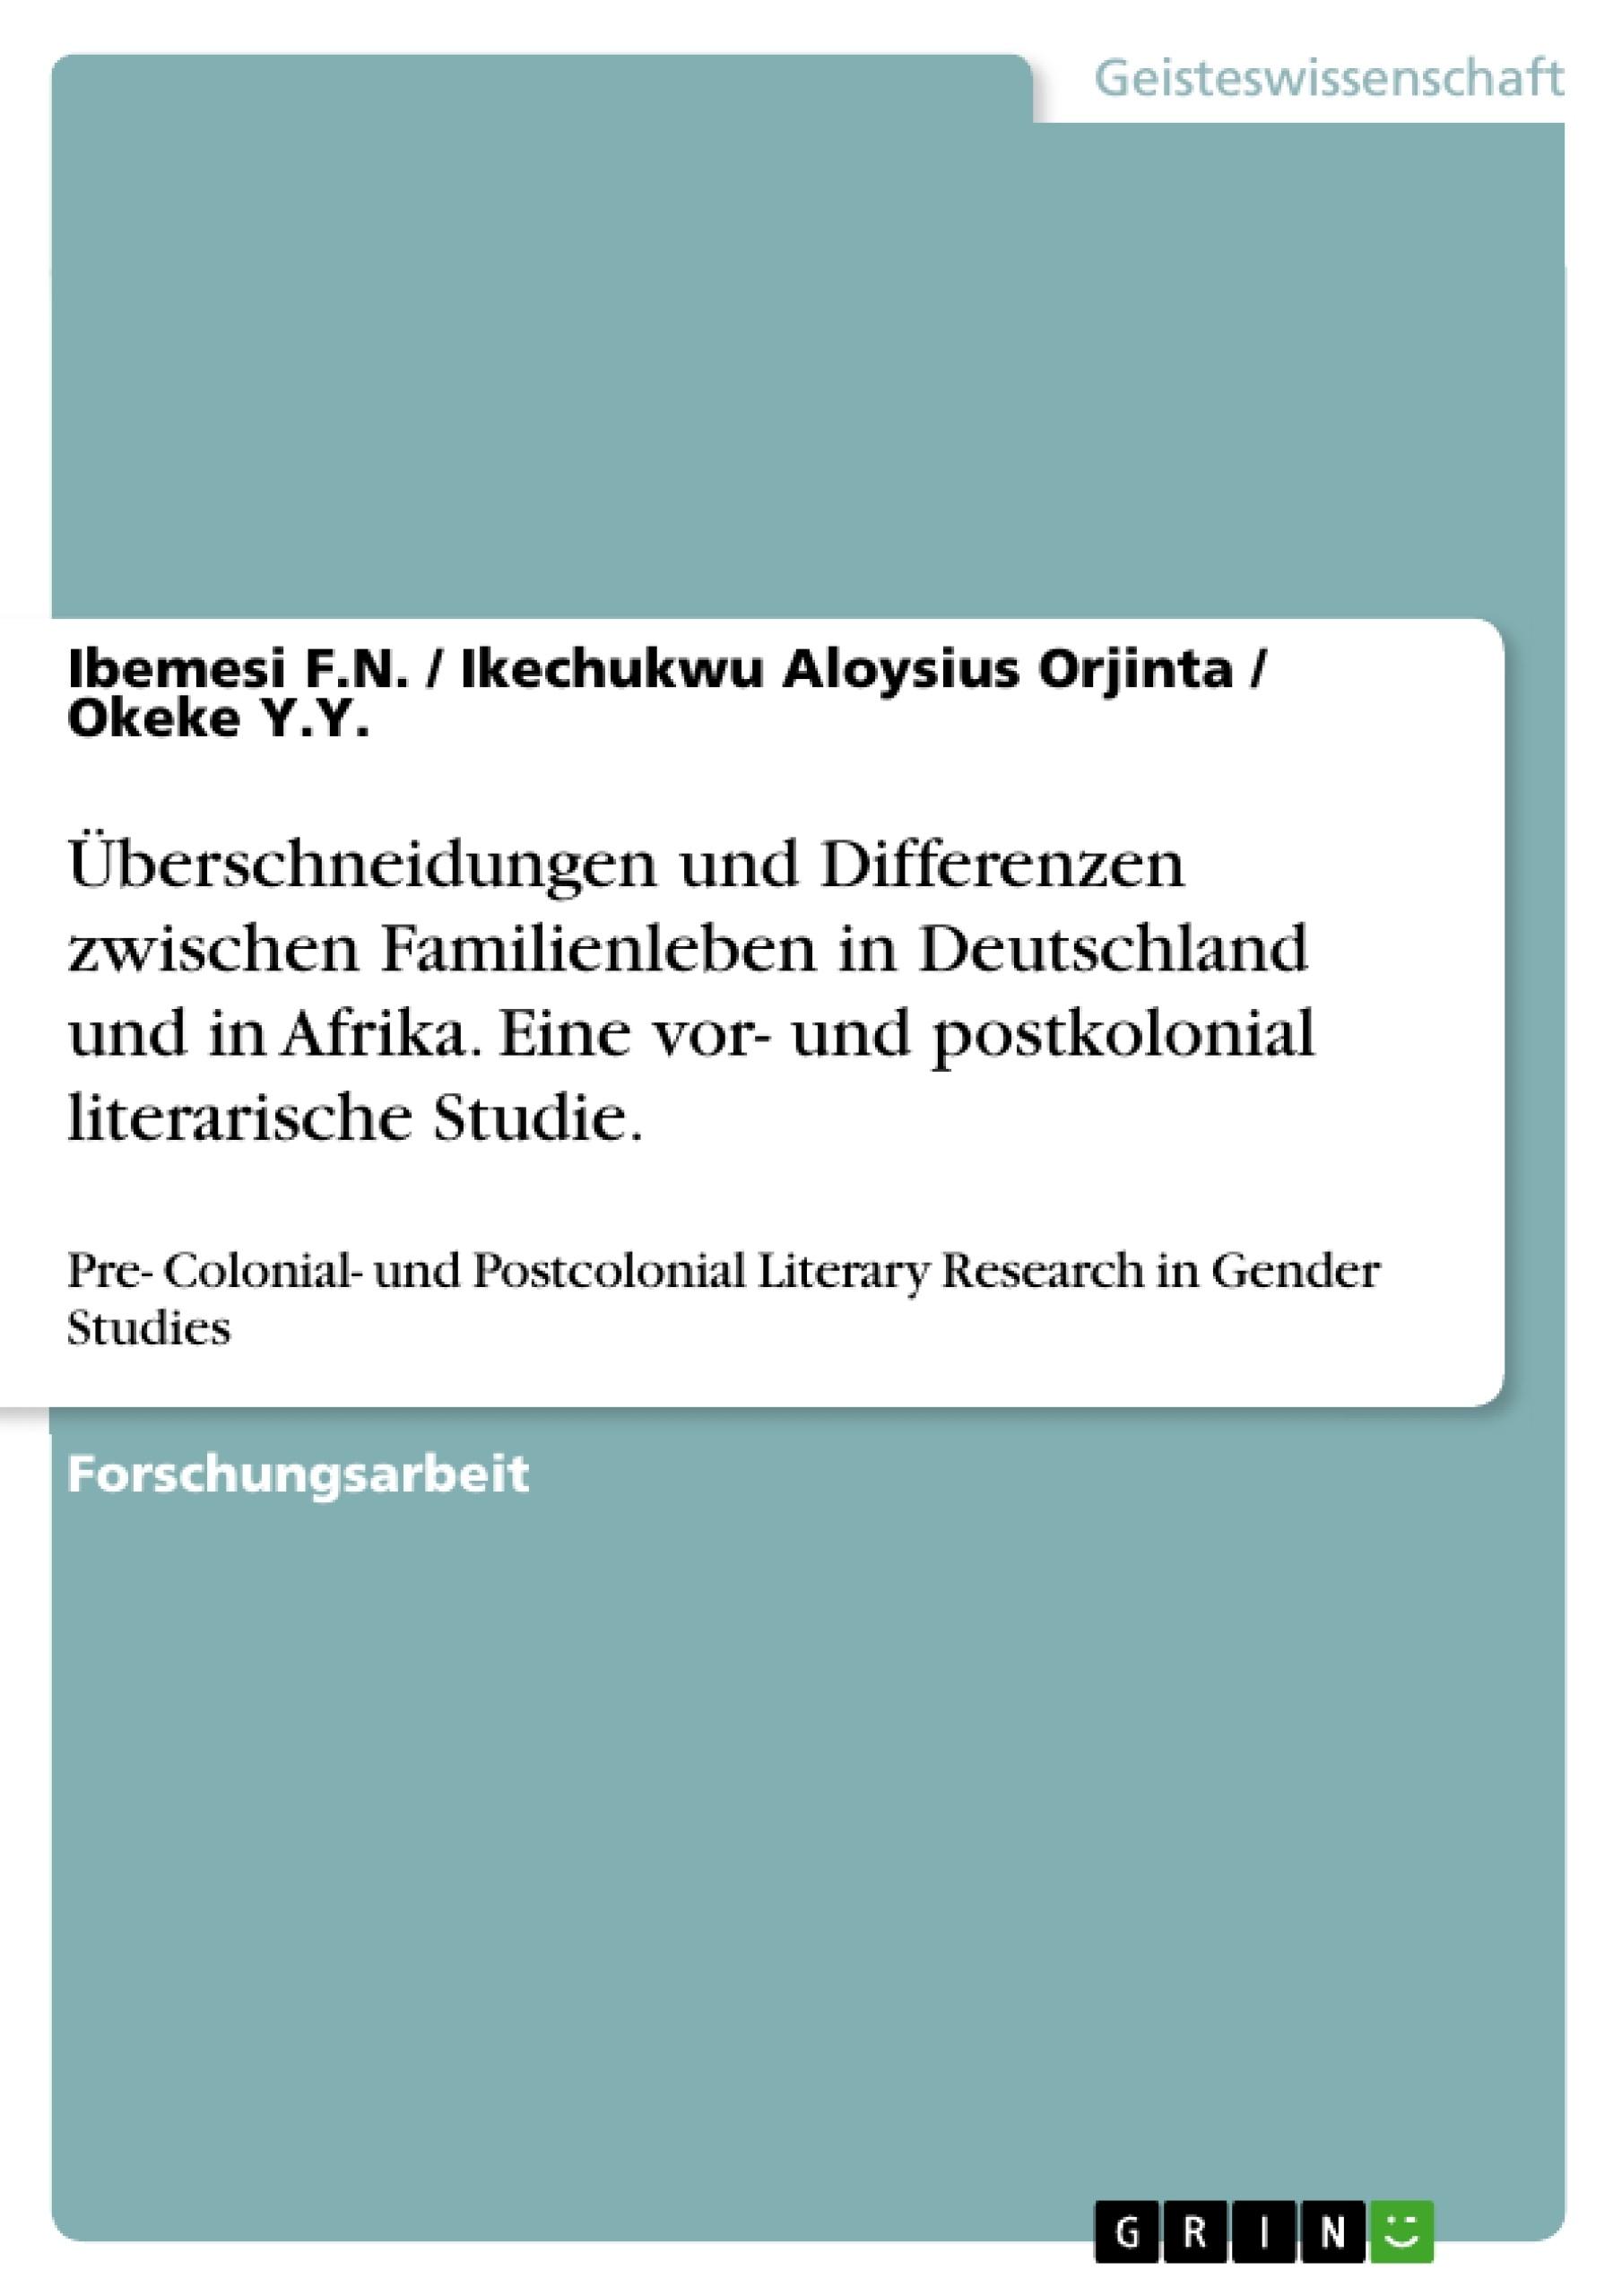 Titel: Überschneidungen und Differenzen zwischen Familienleben in Deutschland und in Afrika. Eine vor- und postkolonial literarische Studie.